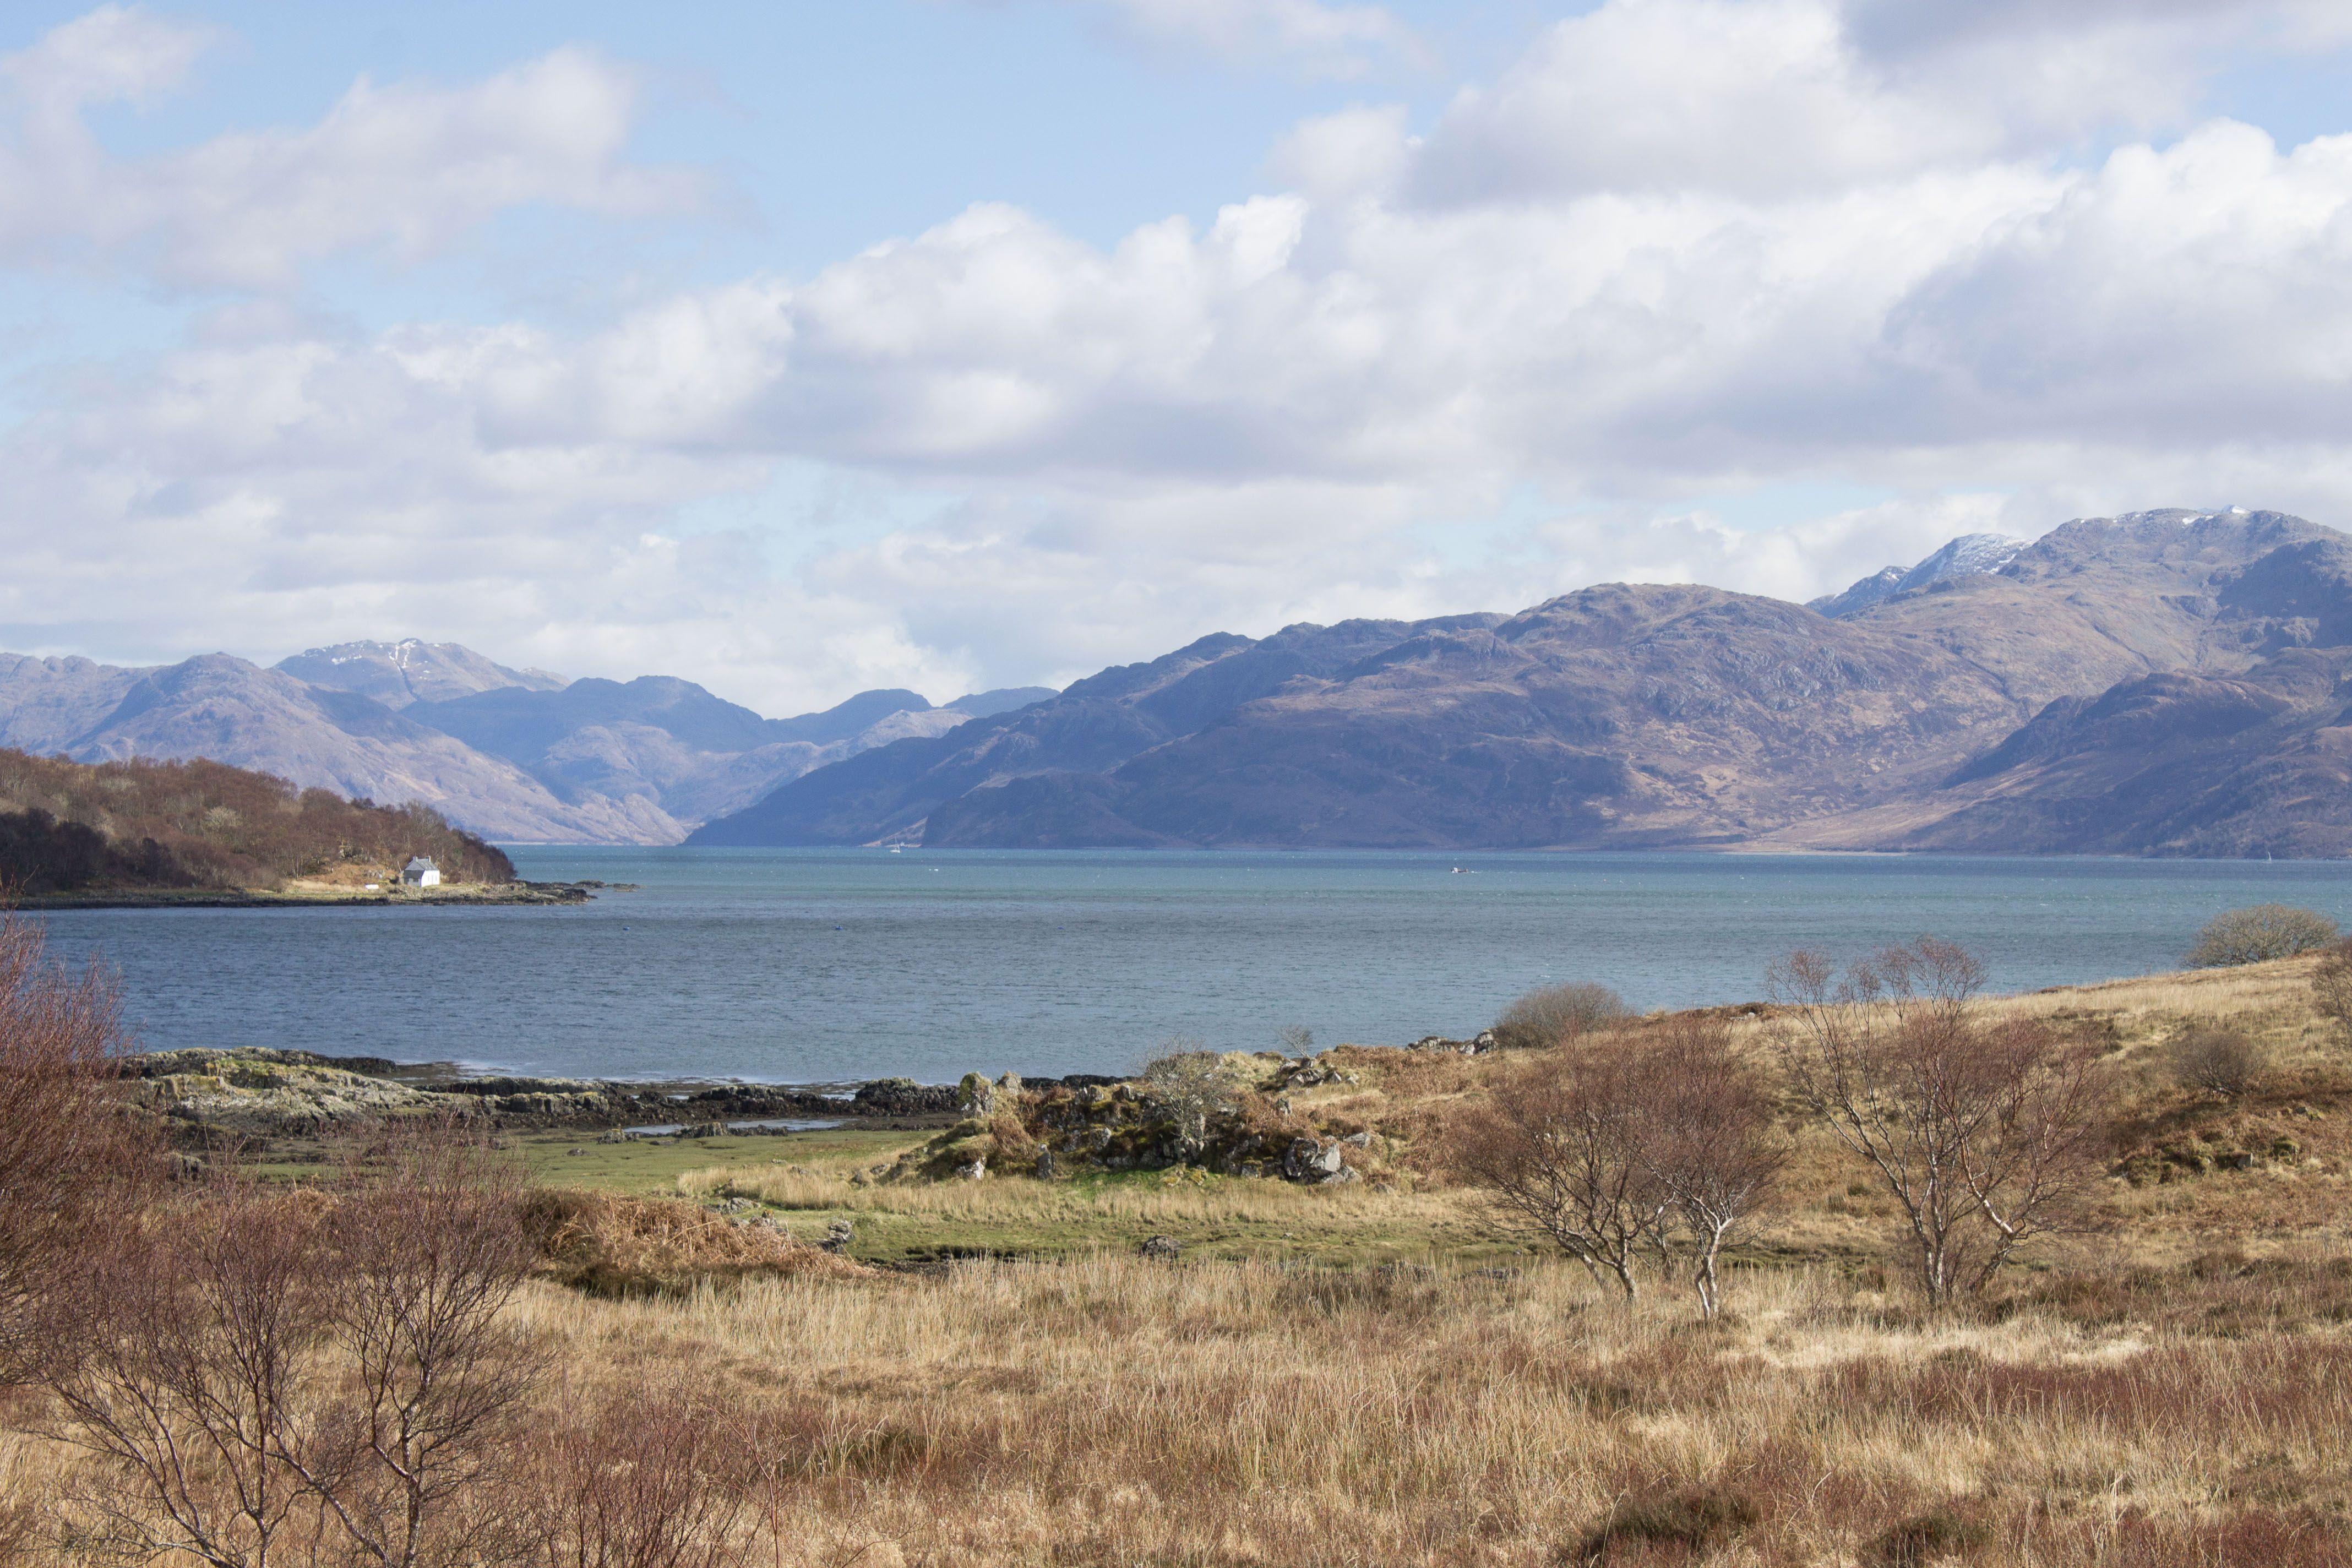 Récit d'une journée à la découverte des Highlands et la route côtière qui mène à Mallaig et à l'île de Skye. Découverte de l'Ecosse et du British Breakfast.